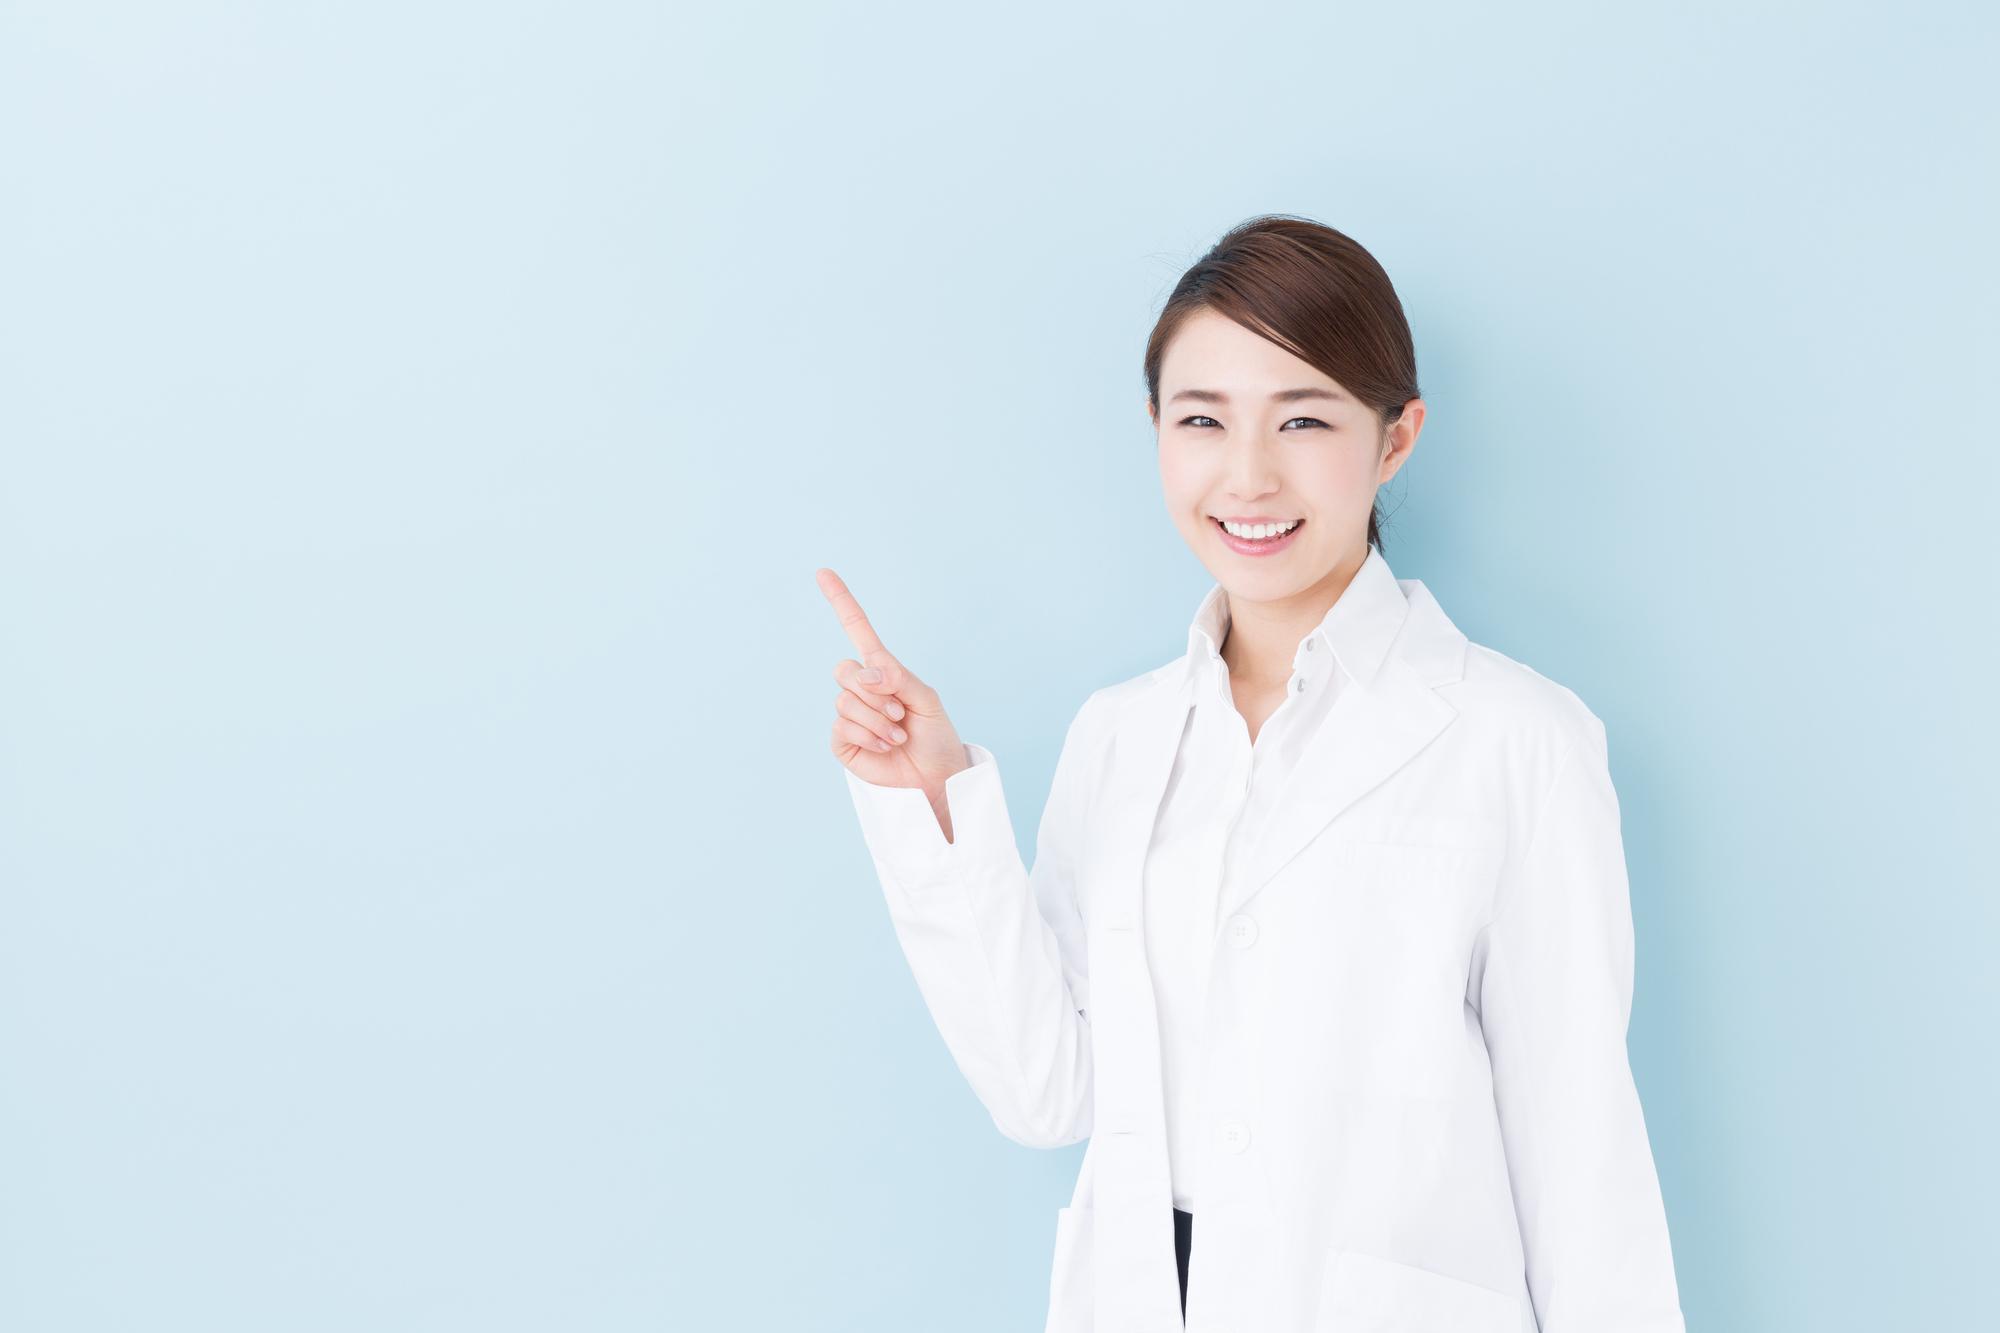 認定薬剤師 資格の勉強 メリット